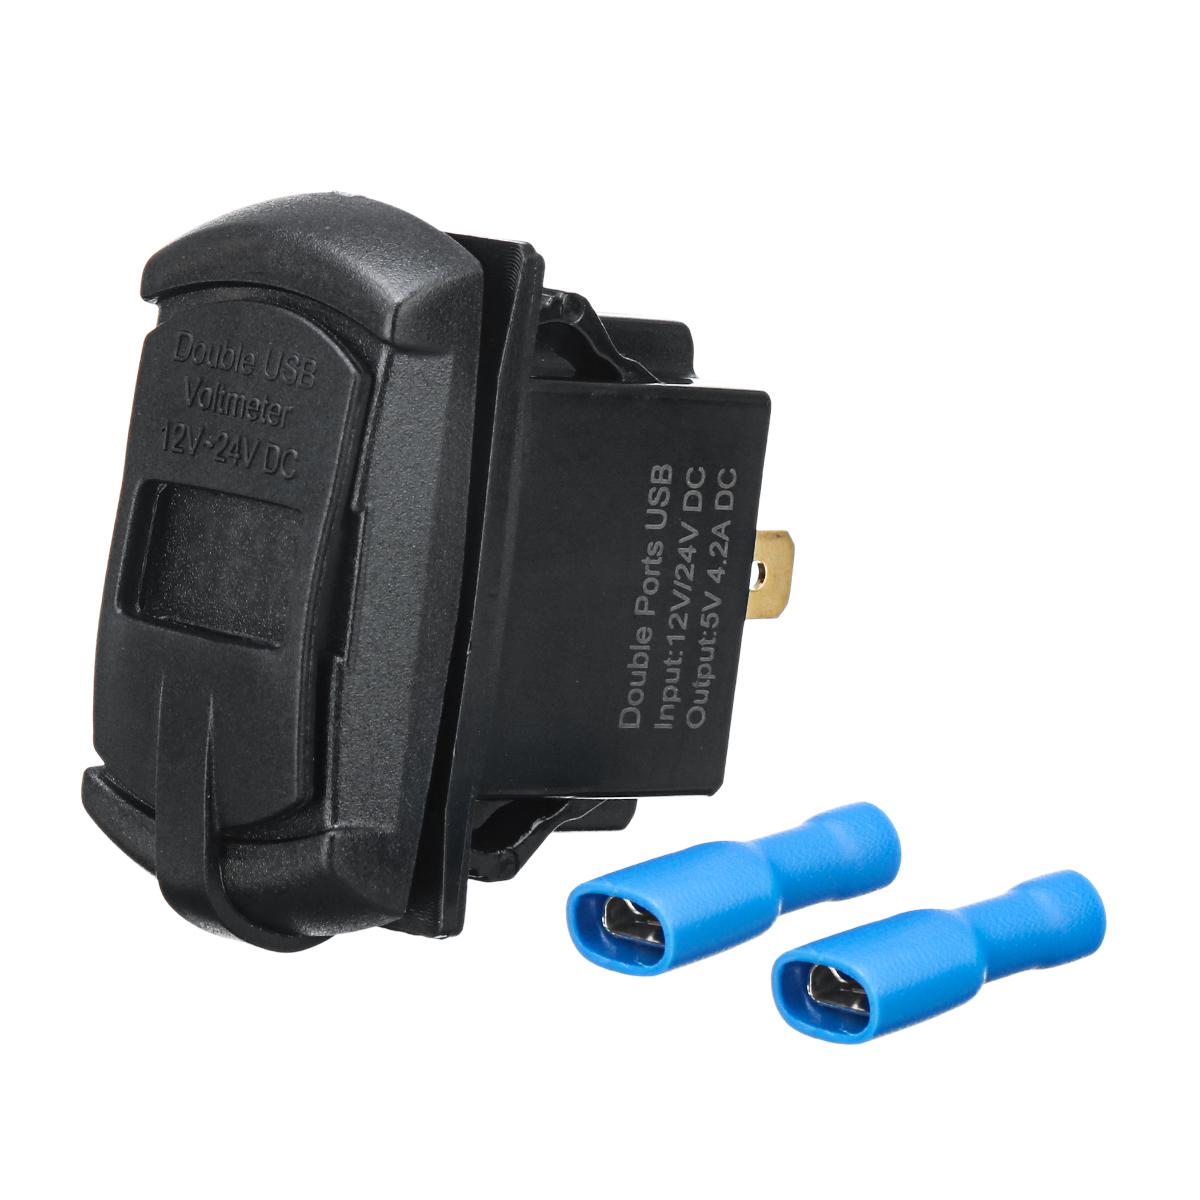 Зарядное устройство USB для Polaris UTV RZR RZR4 Ranger XP 1000 900 800 Crew 2015 2016 - фото 4